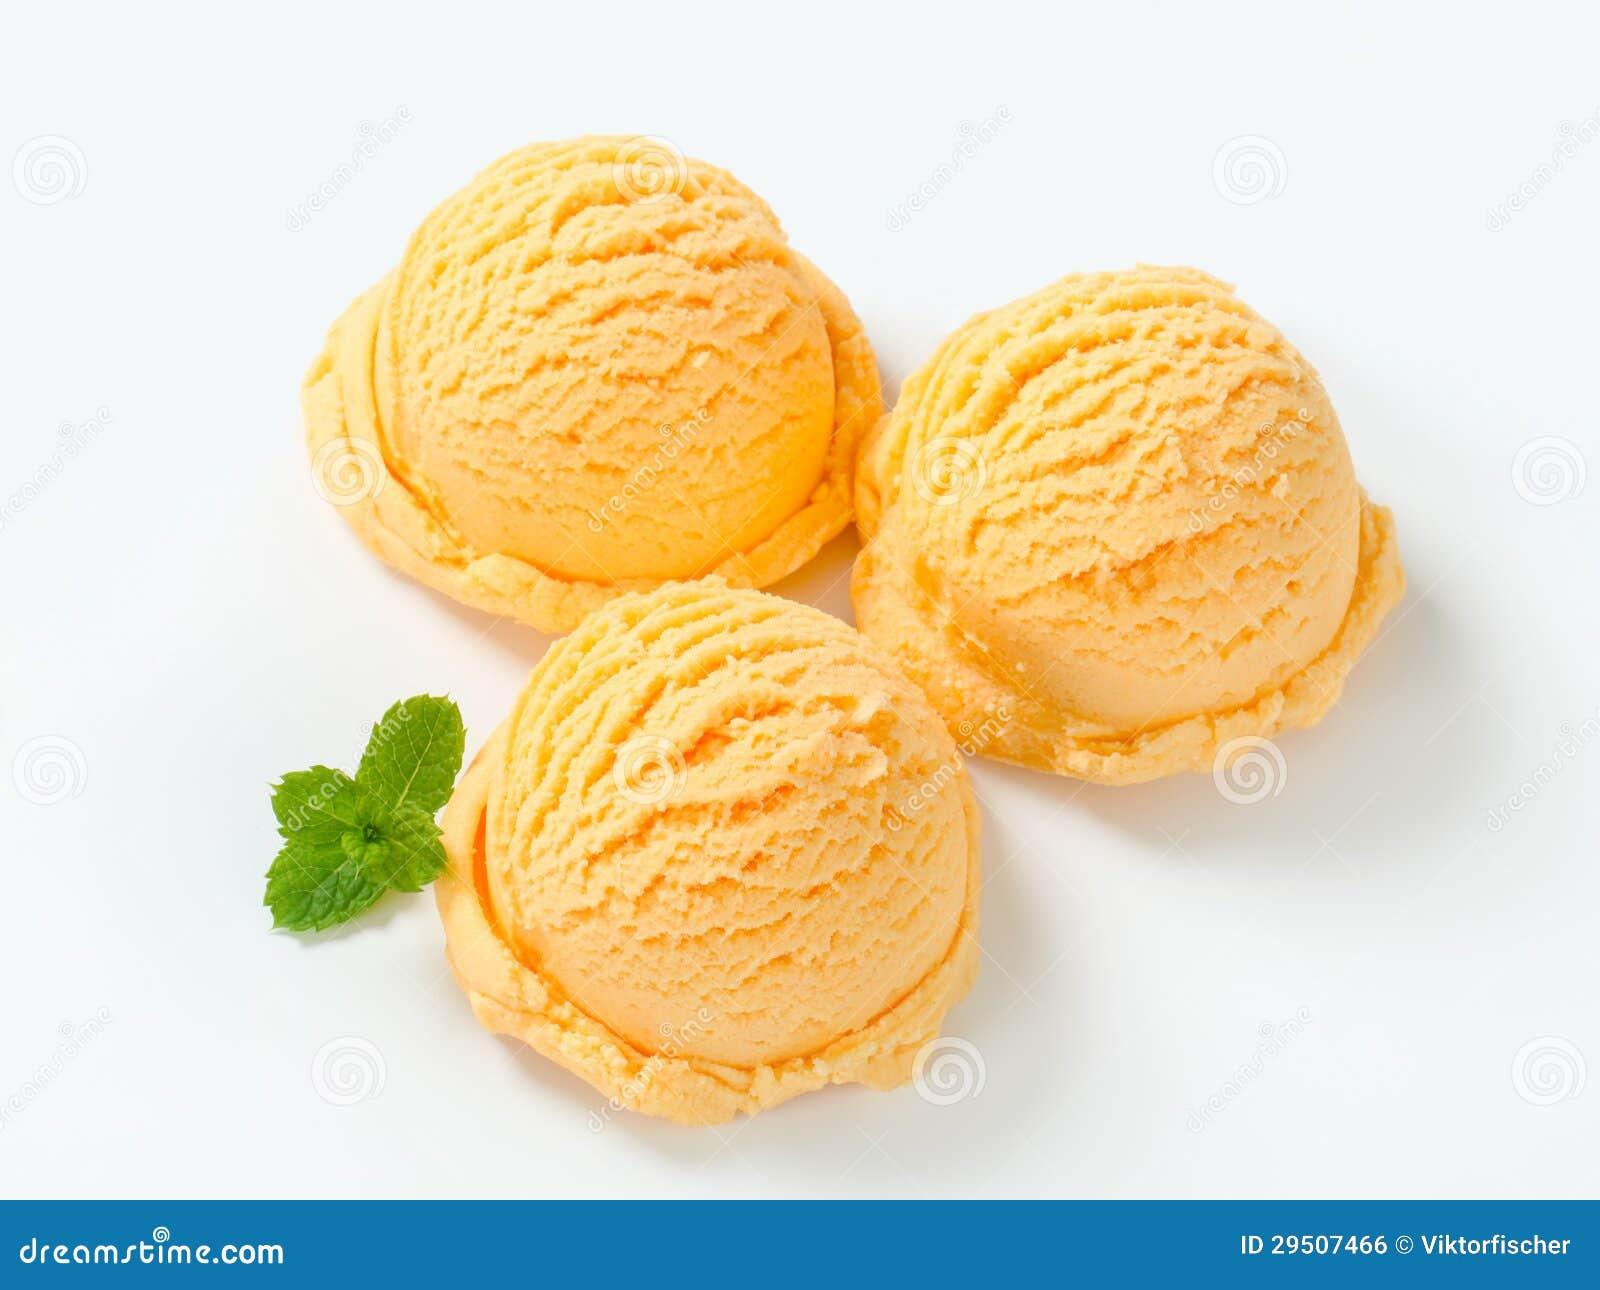 Apricot Zabaglione Ice Cream Recipe — Dishmaps